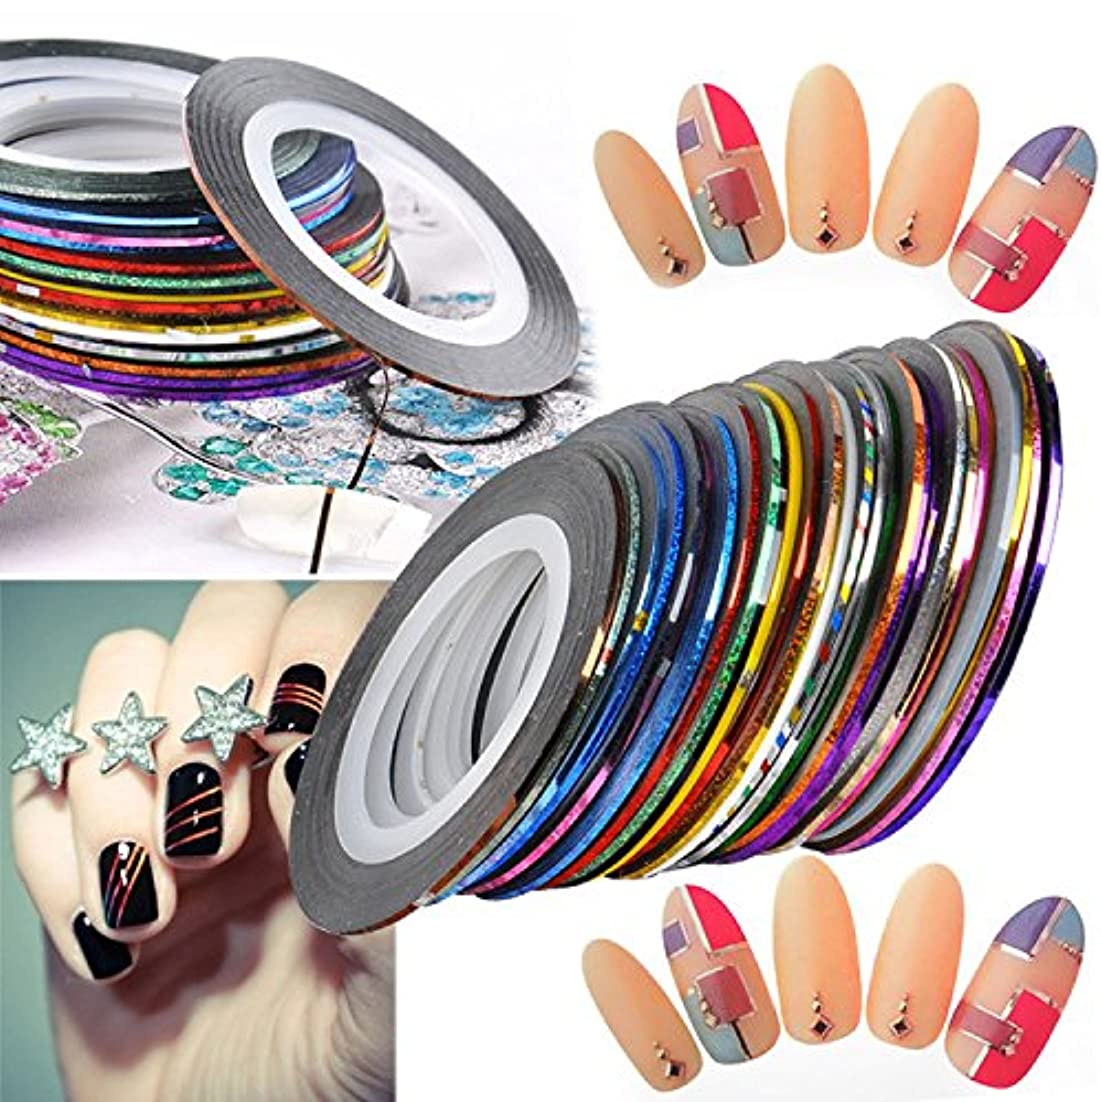 どきどき免除共和国ネイルアート用 ラインテープ 爪 飾り用品 カラフル 綺麗 ラインアートテープ 30種セット